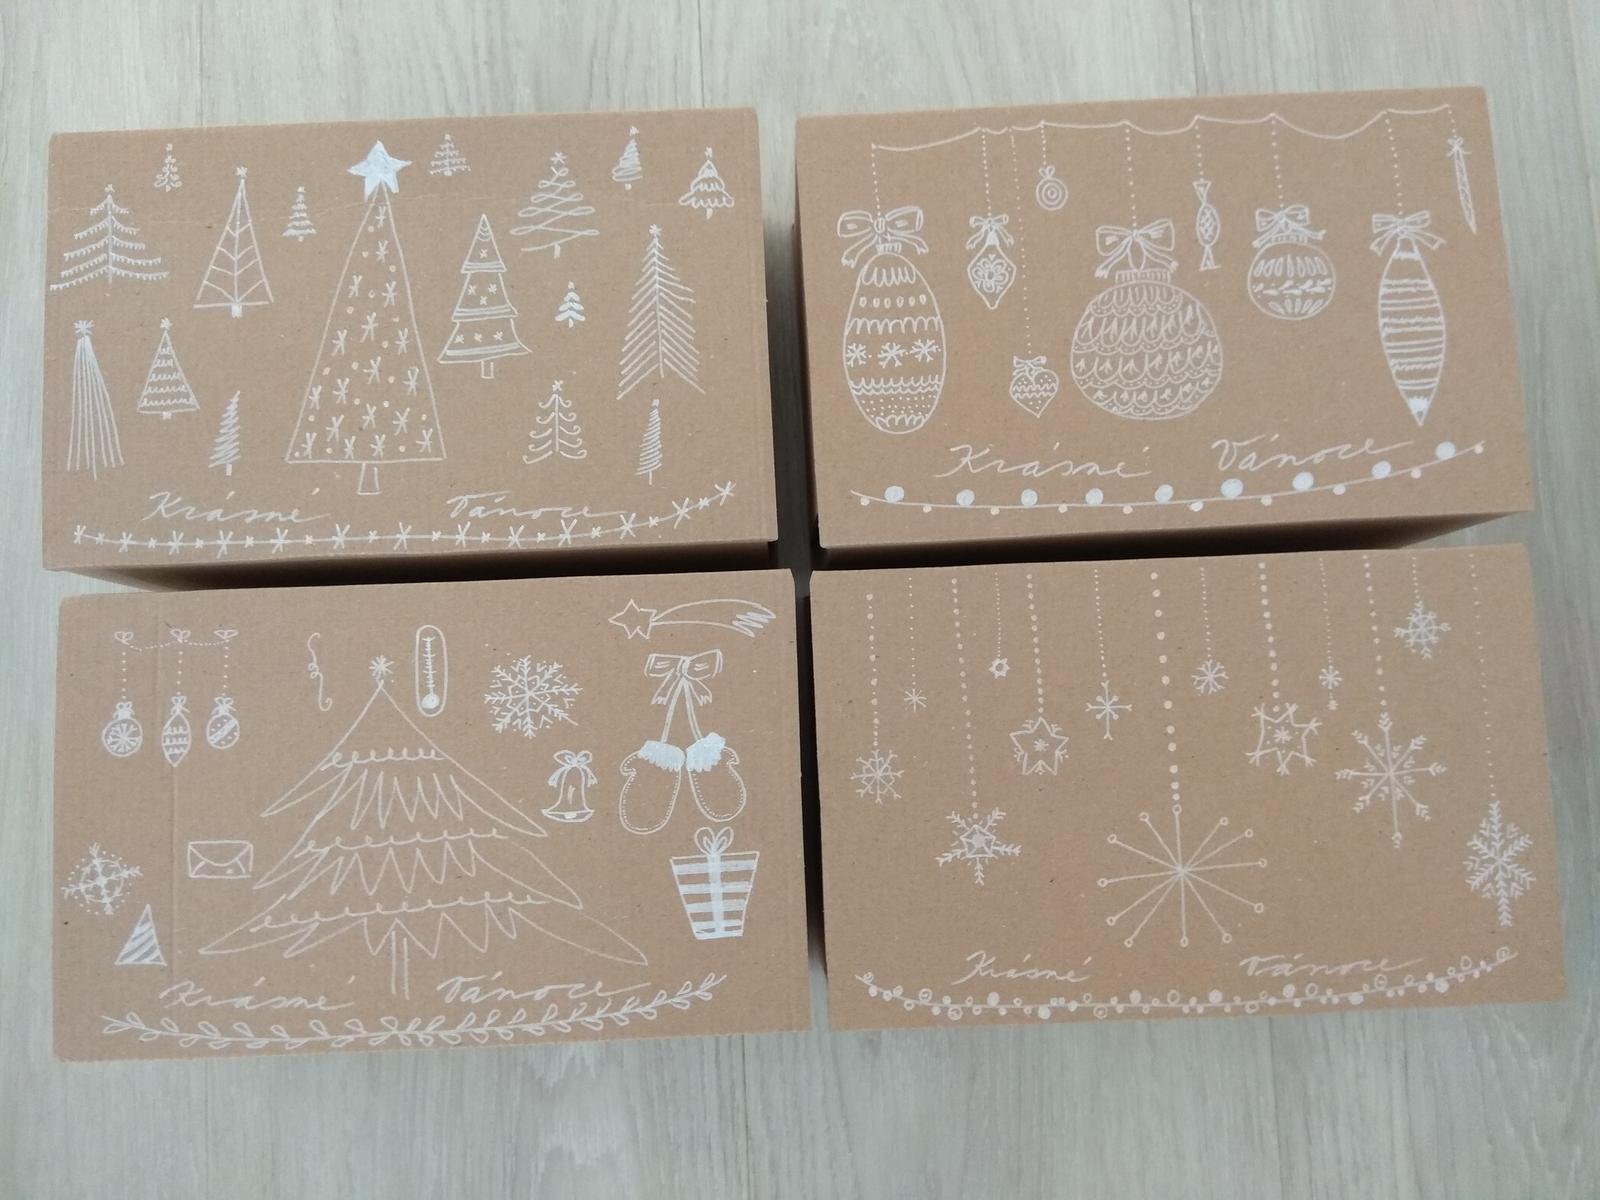 Když tvořím podle něčeho, aneb moje DIY - Krabičky na cukroví pro známé